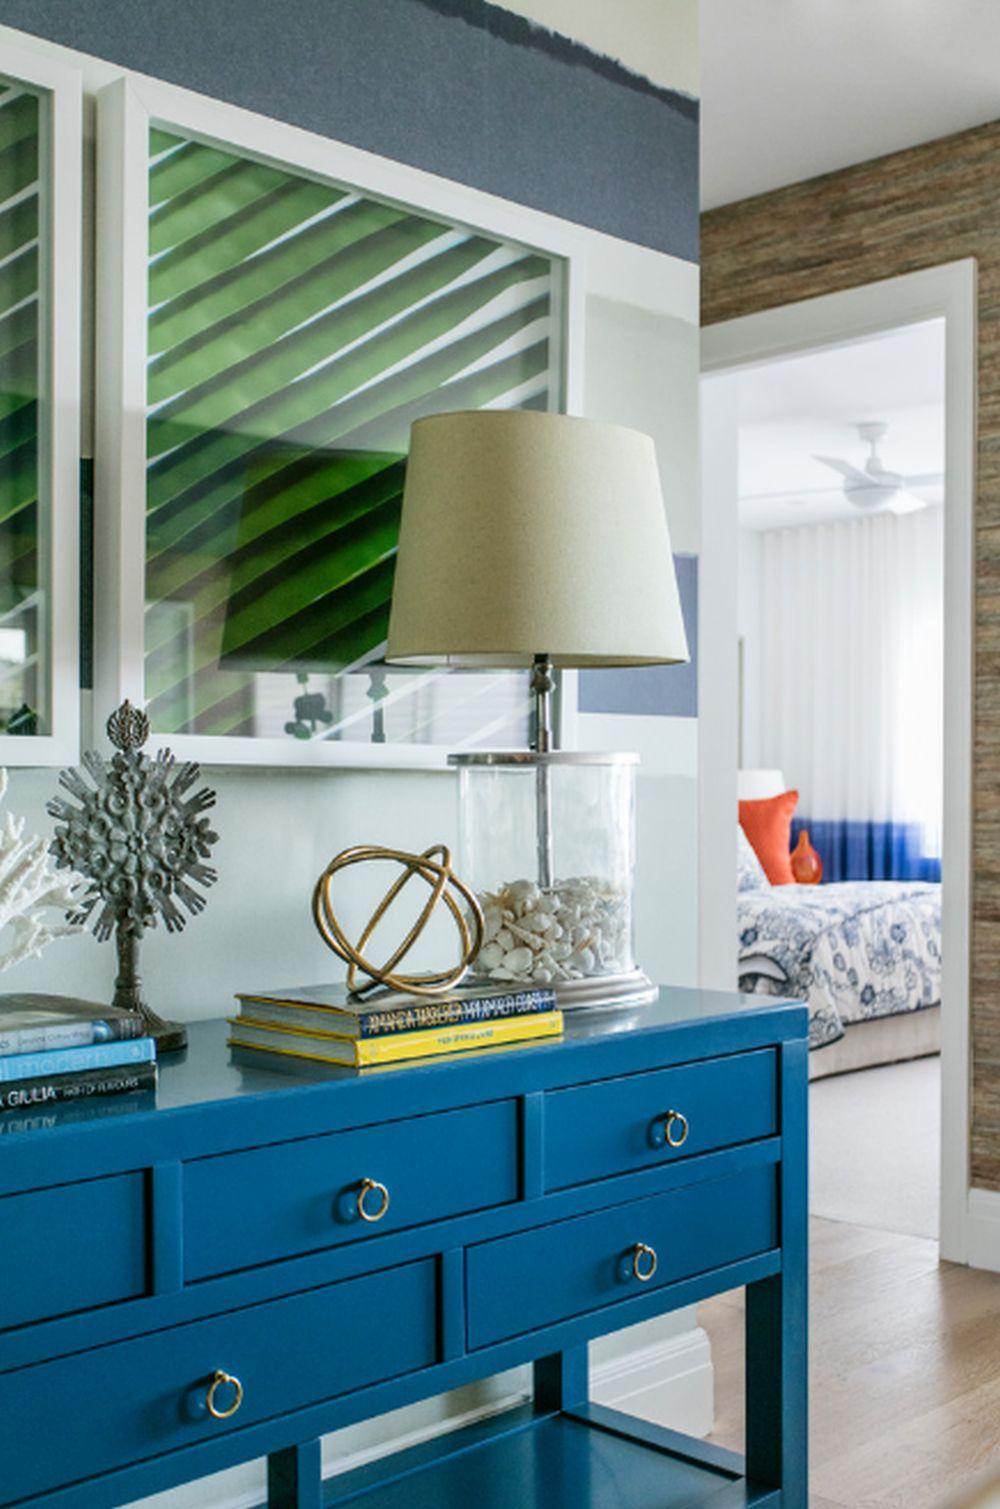 adelaparvu.com apartament redecorat in stil marin, designer Adam Scougall, Foto Yie Sandison (10)